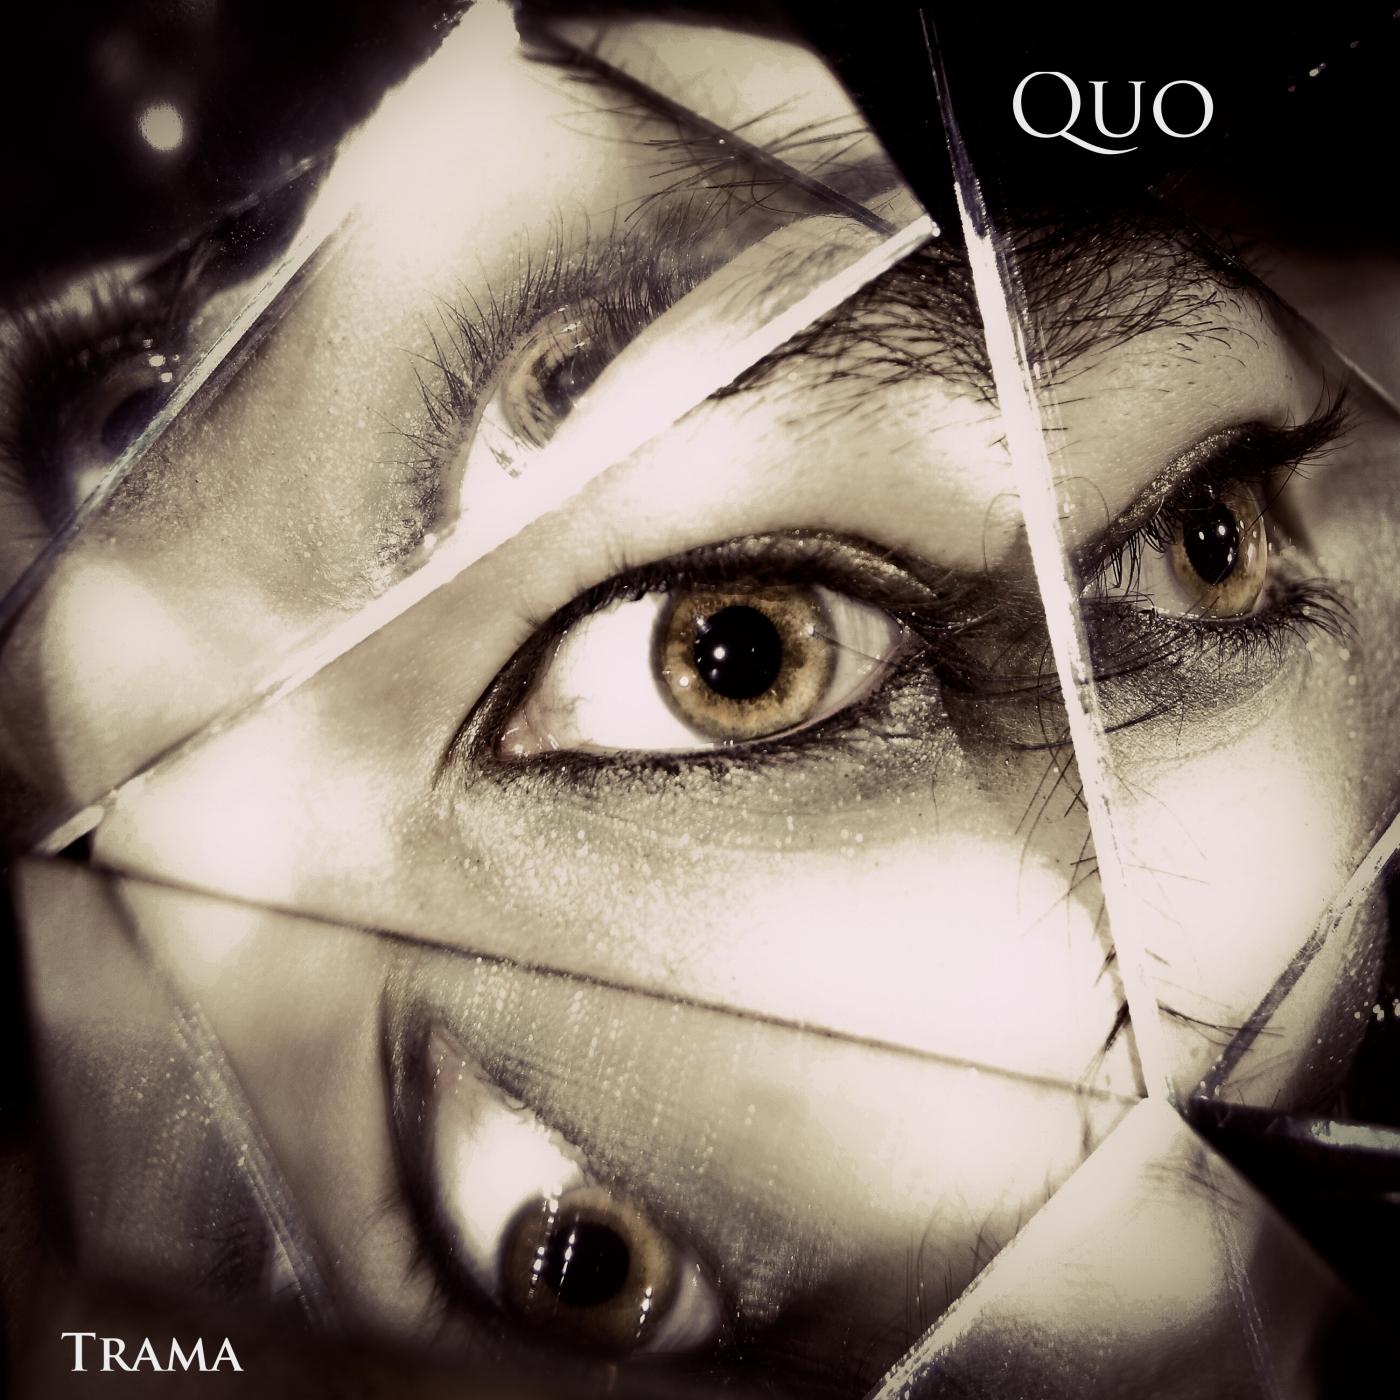 Atractivo Foto Inserciones De Trama Stand Elaboración - Ideas ...